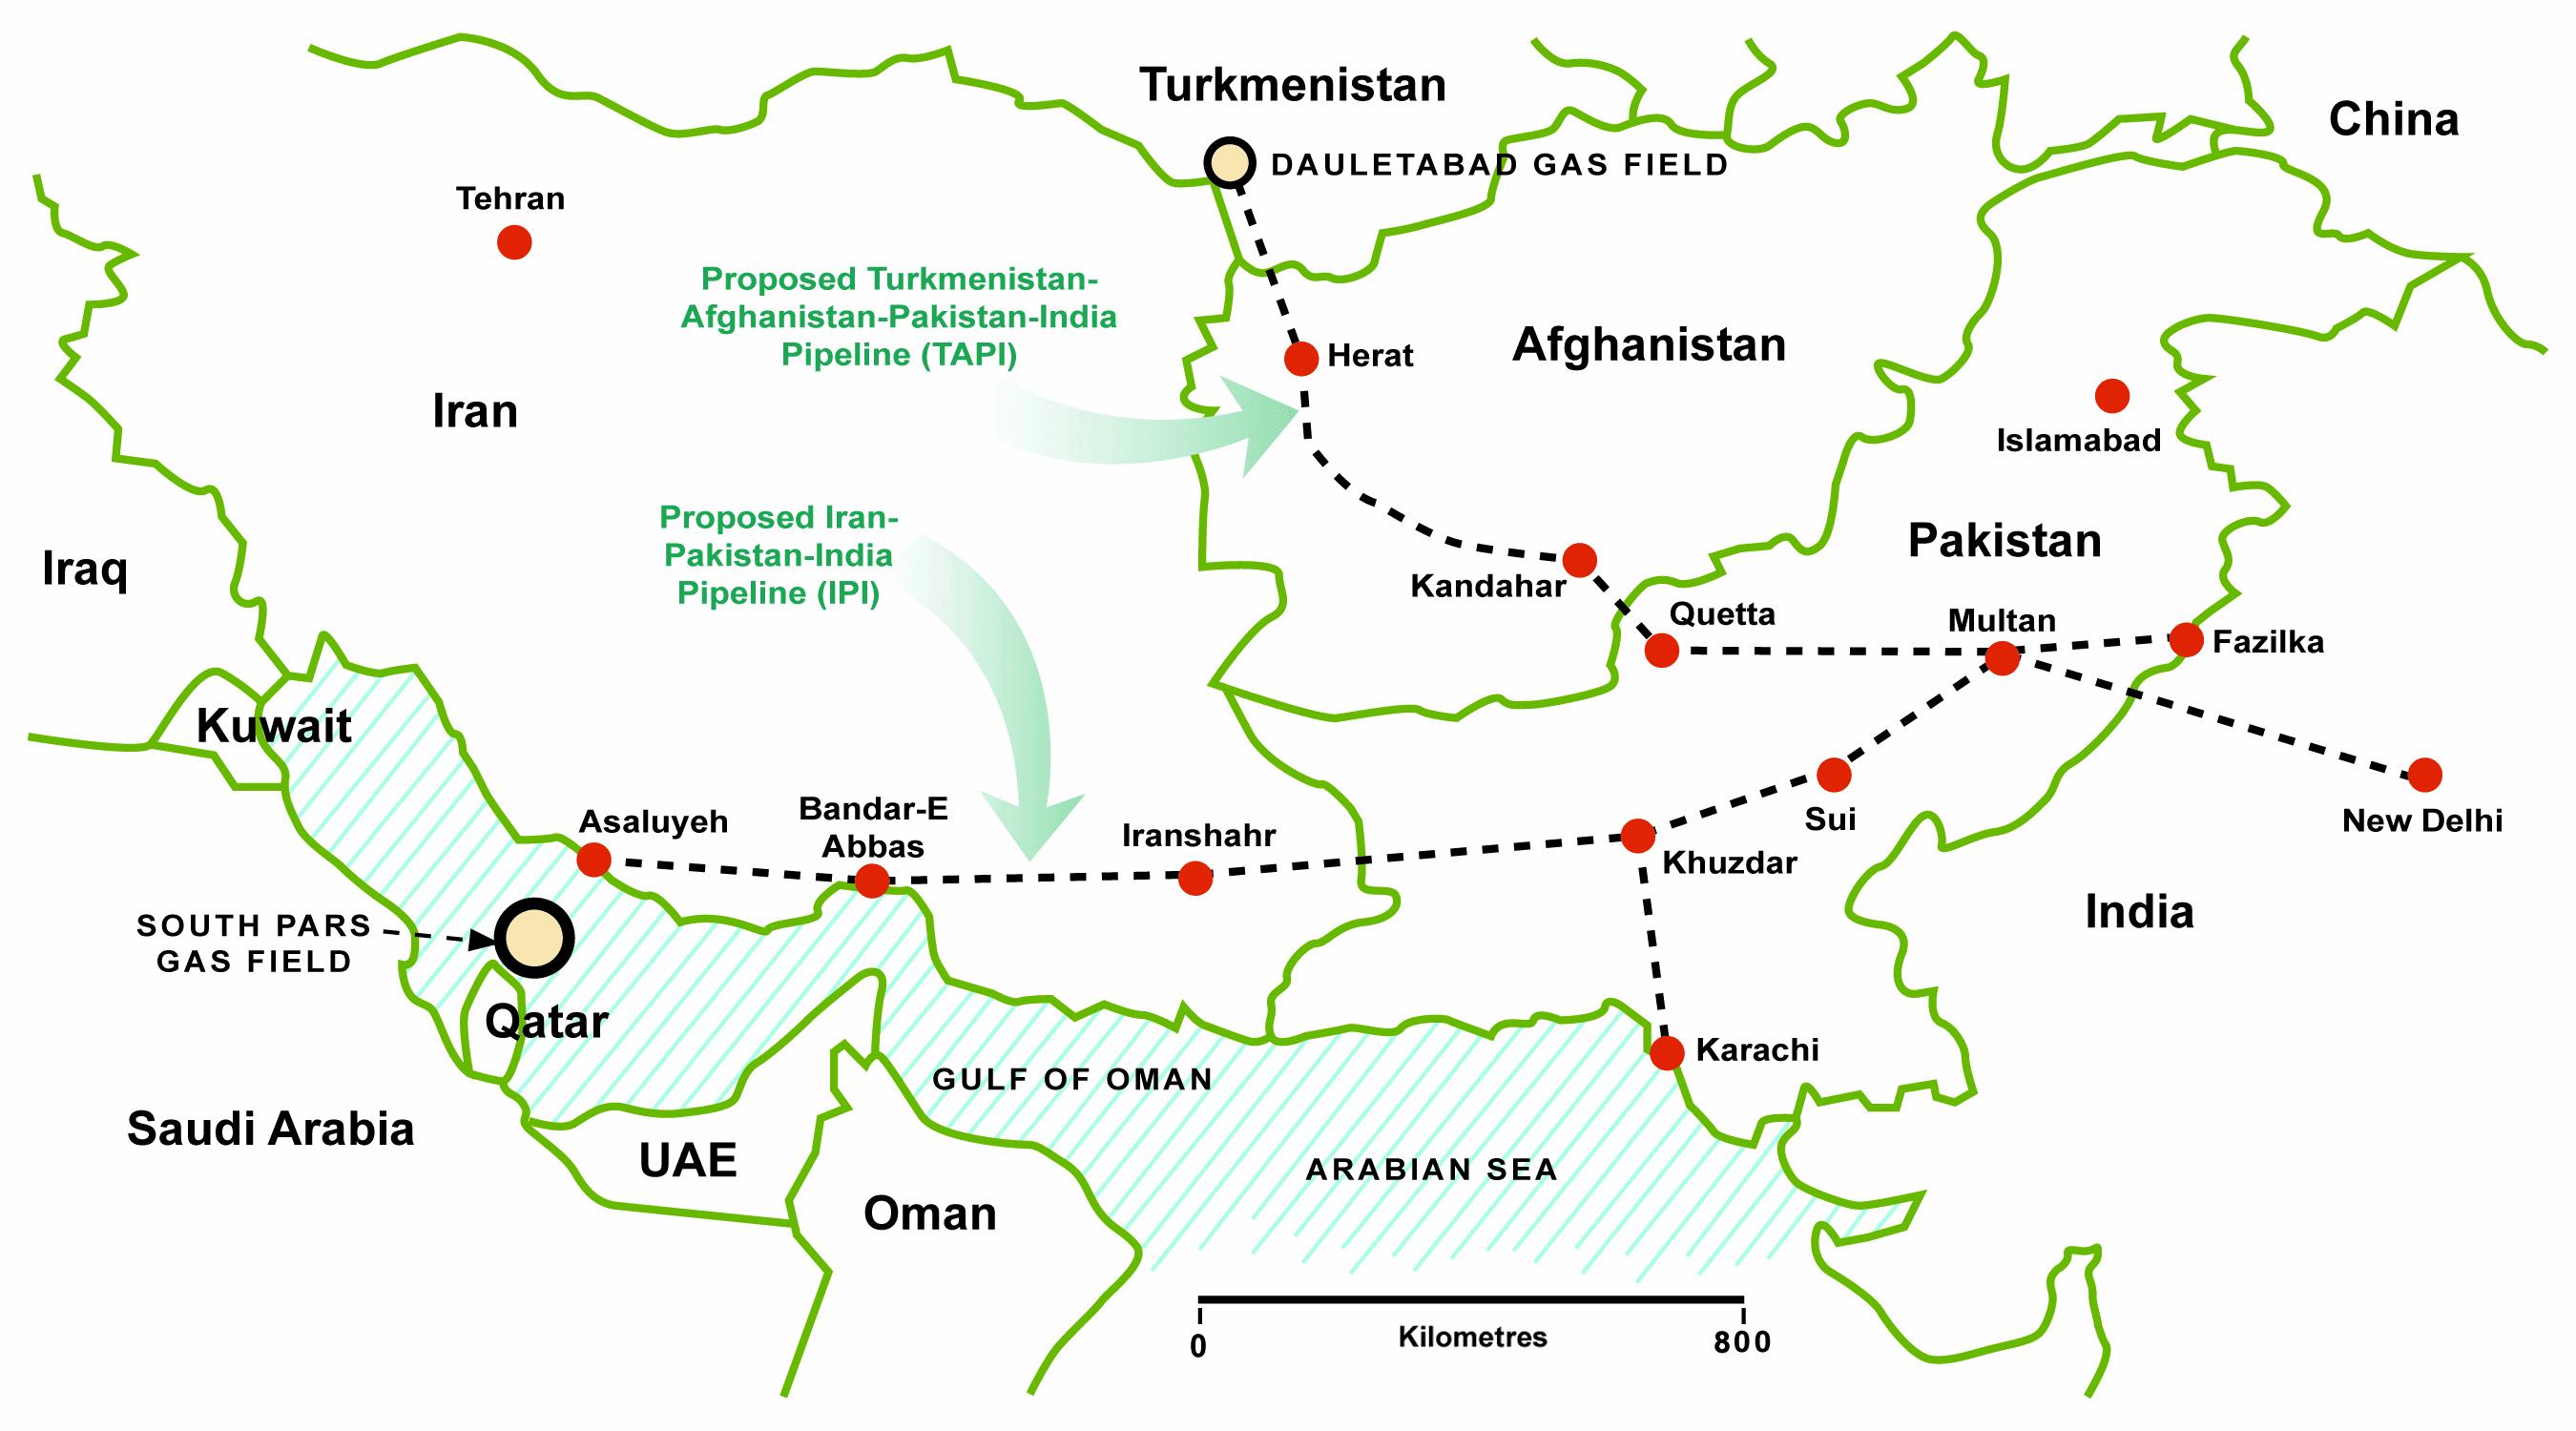 Российско-пакистанская рабочая группа обсуждала строительство газопровода ТАПИ